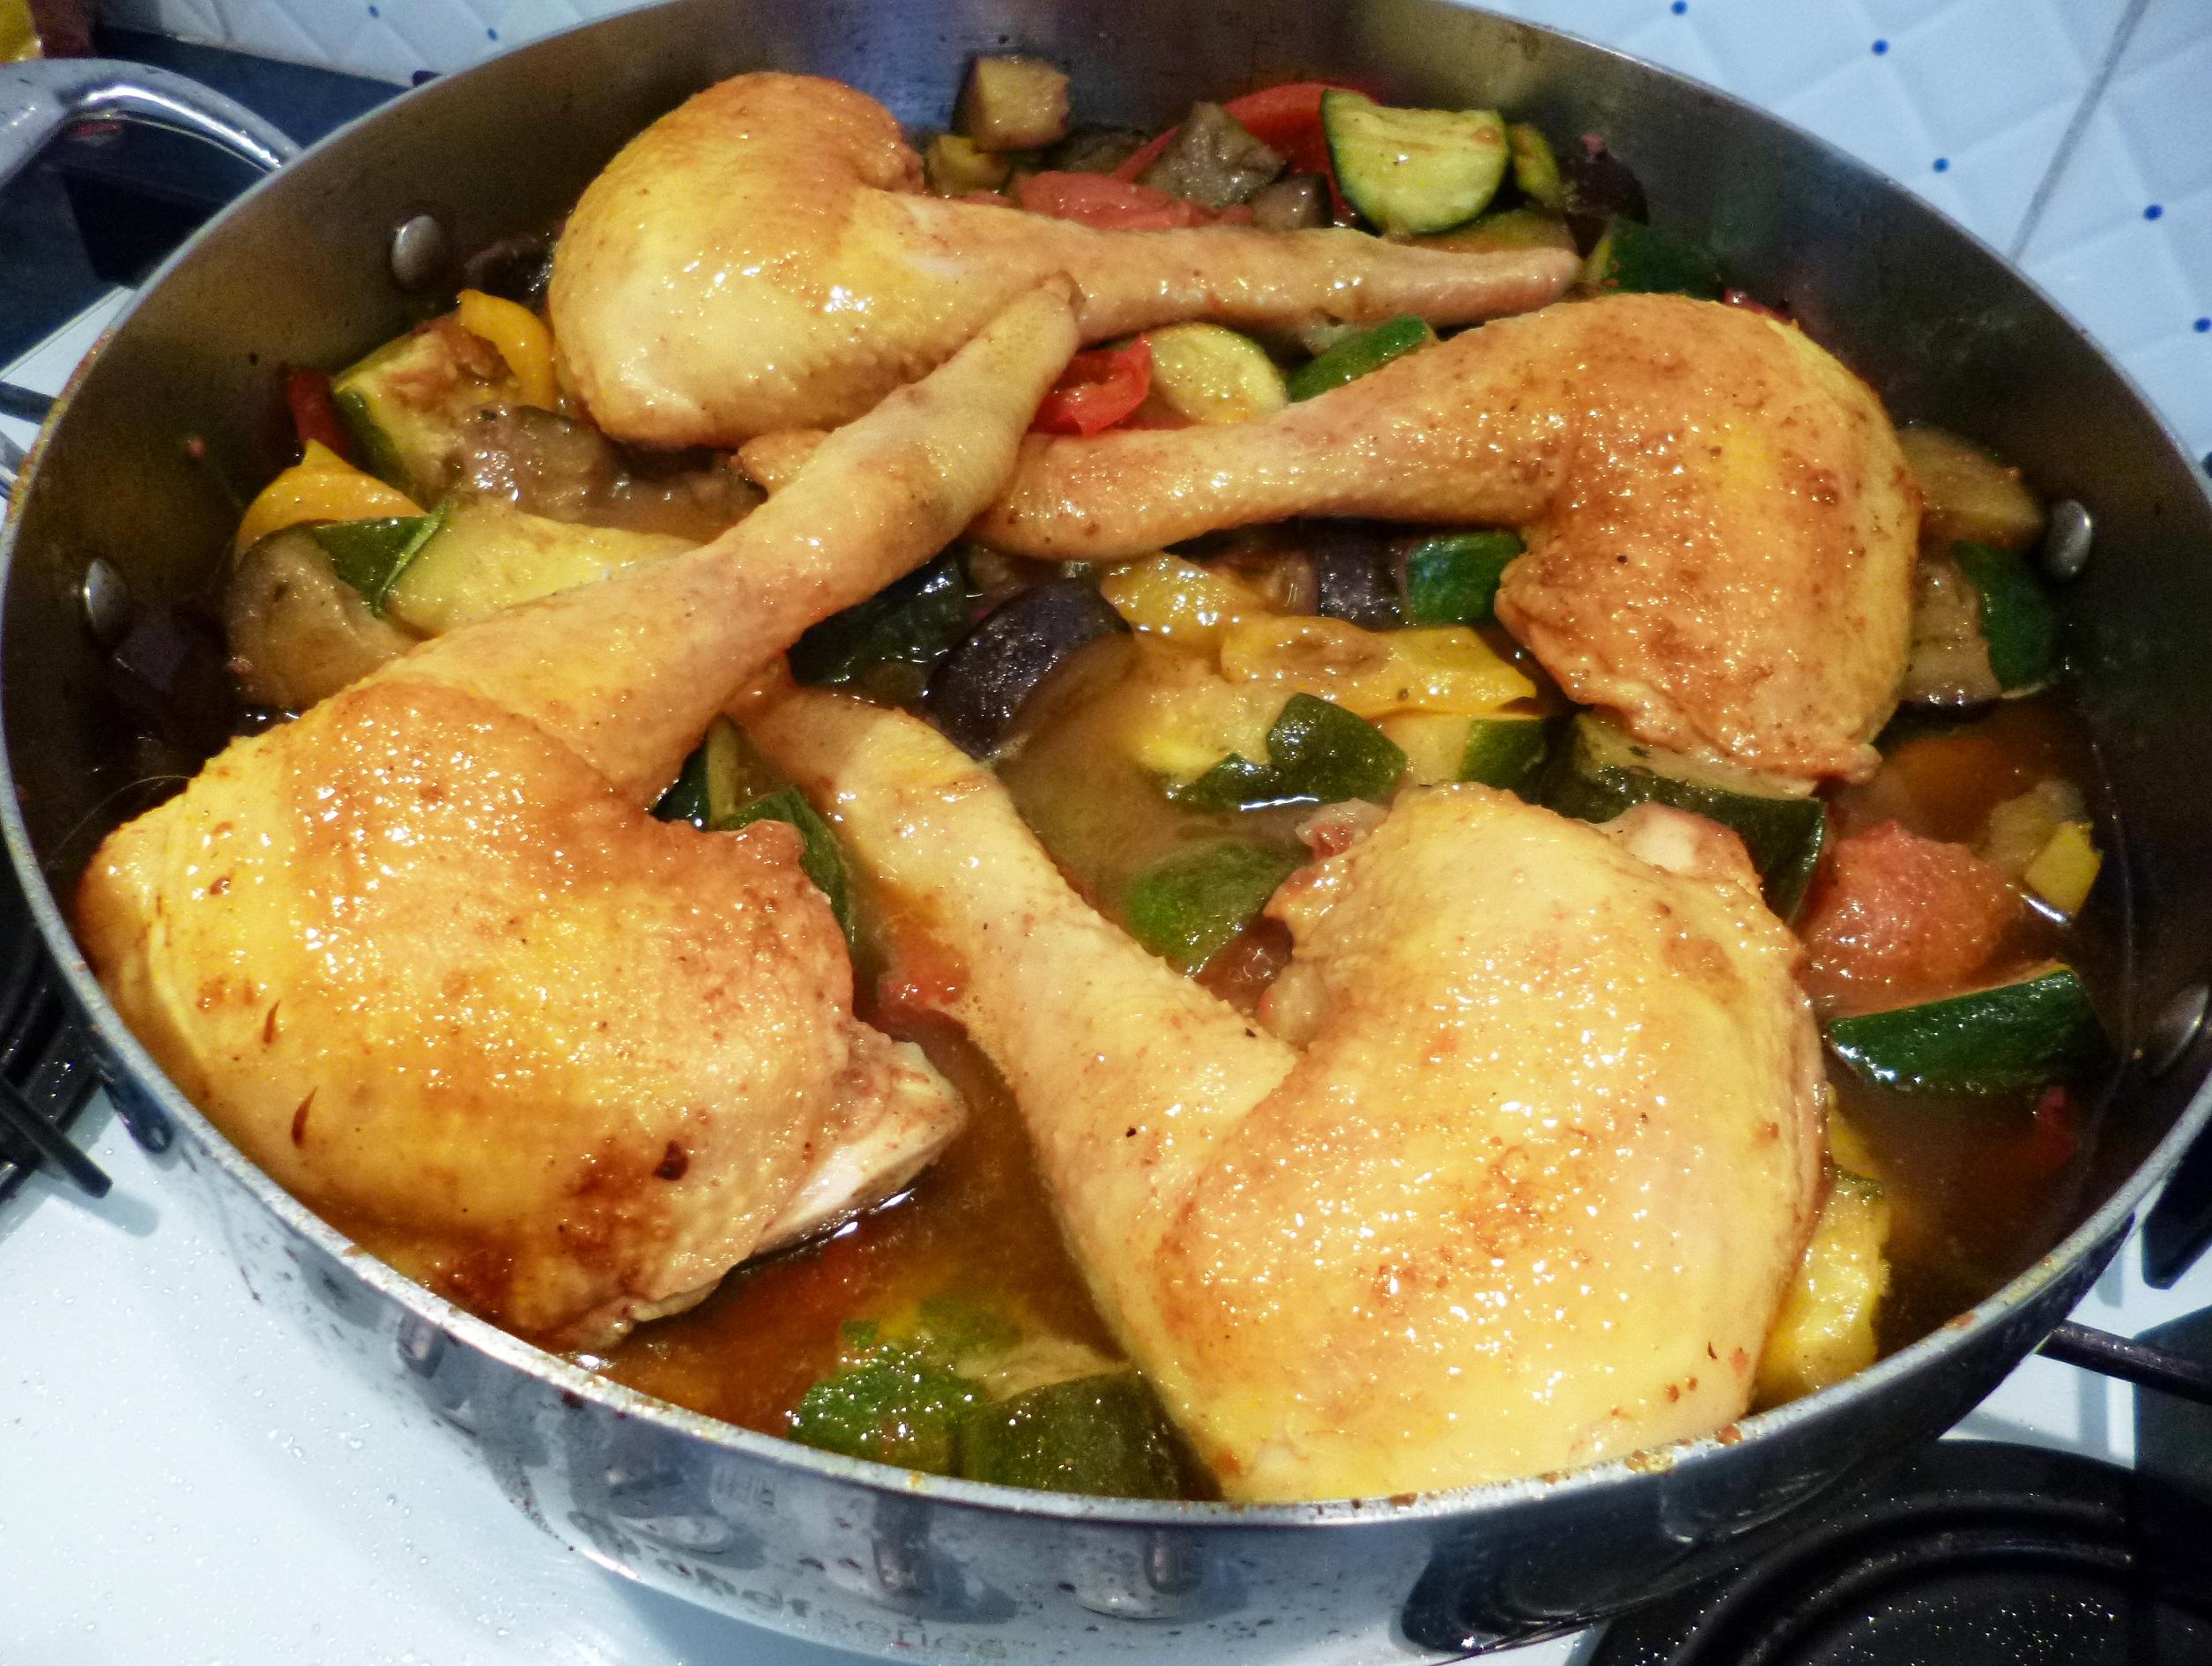 Poulet l 39 orientale la recette facile par toqu s 2 cuisine - Cuisine orientale facile ...